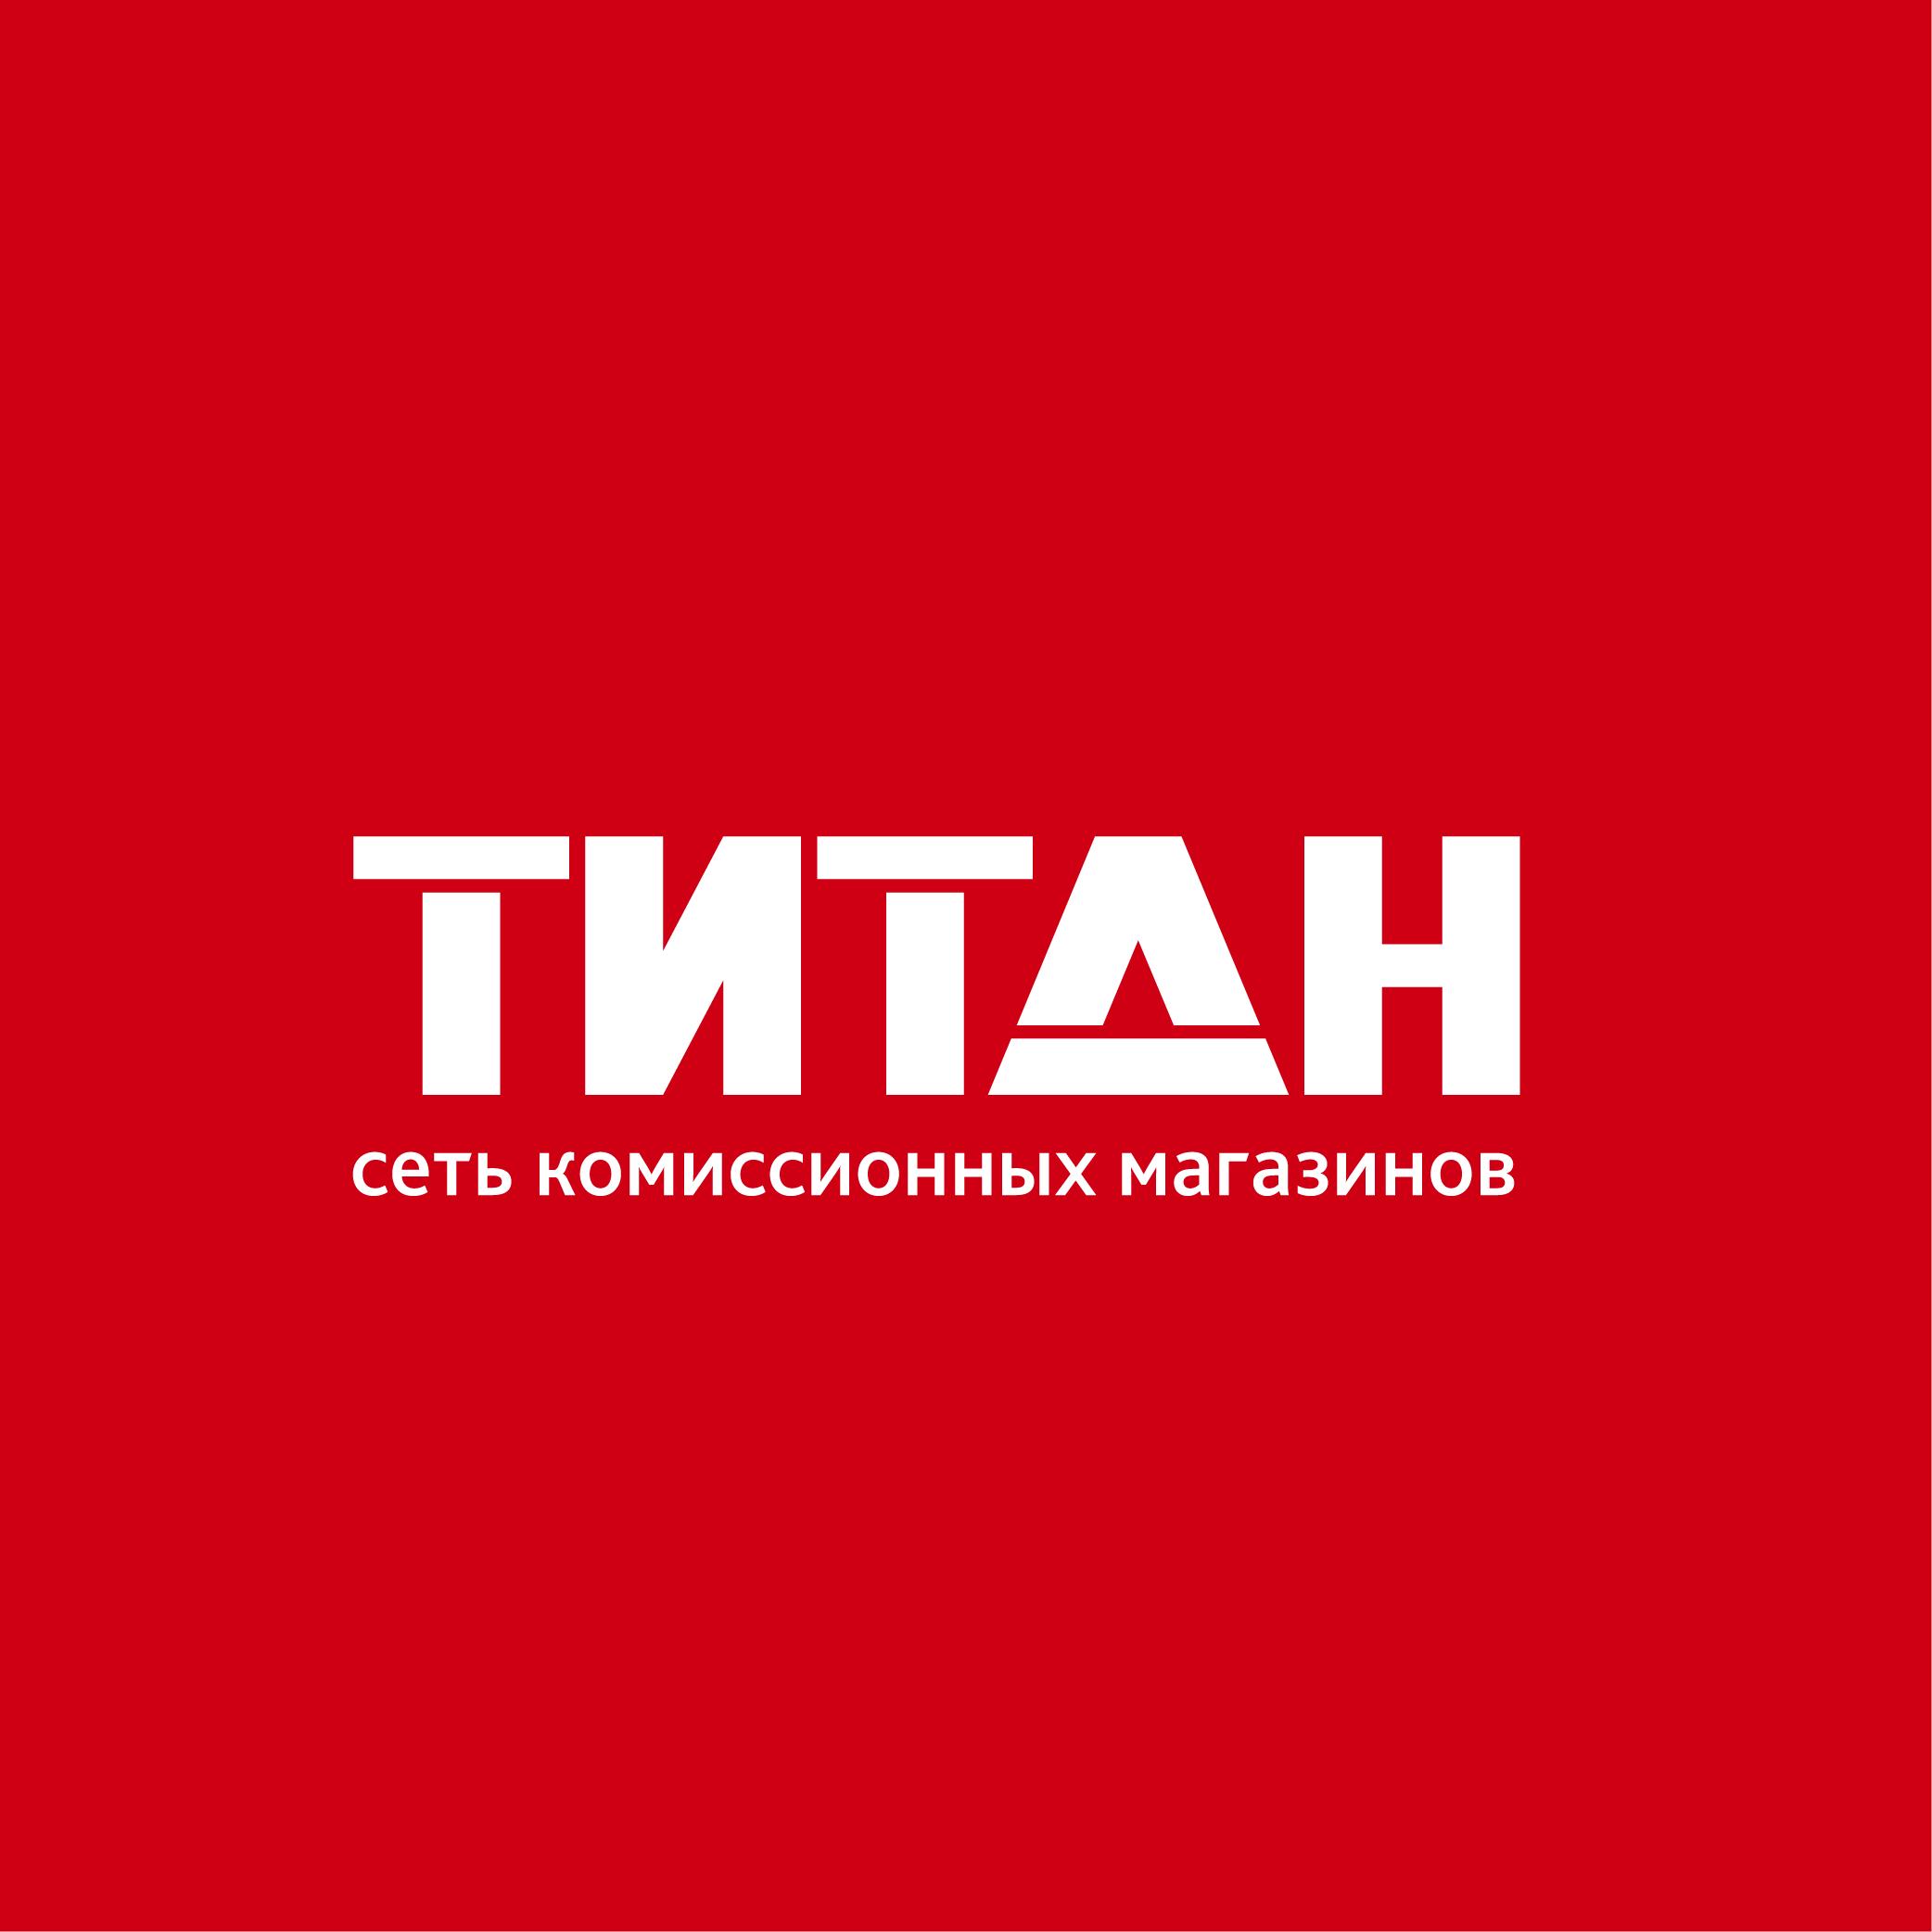 Разработка логотипа (срочно) фото f_4365d49965c2c864.png